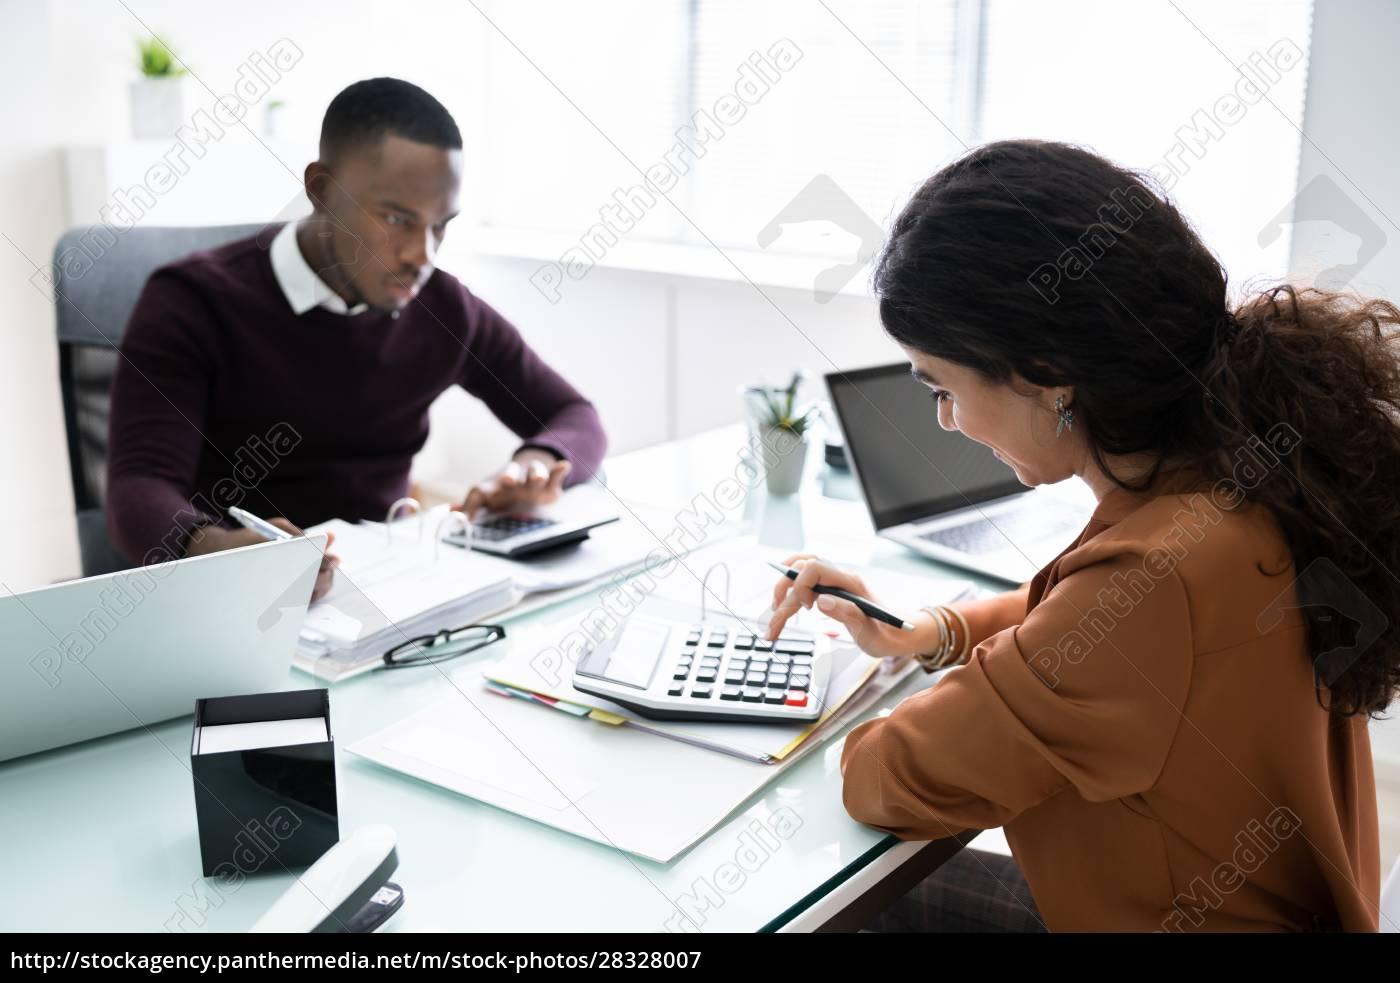 zwei, geschäftsleute, mit, taschenrechner, am, arbeitsplatz - 28328007